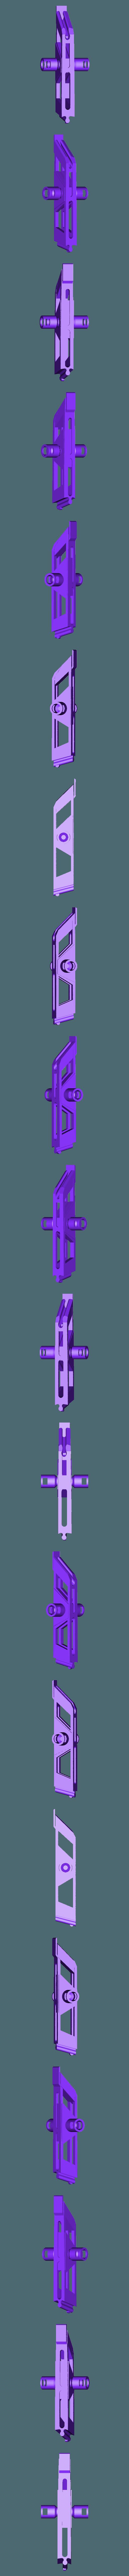 Fuzel_tail.stl Download free STL file Wind vane fly • 3D printable model, Evgen3D